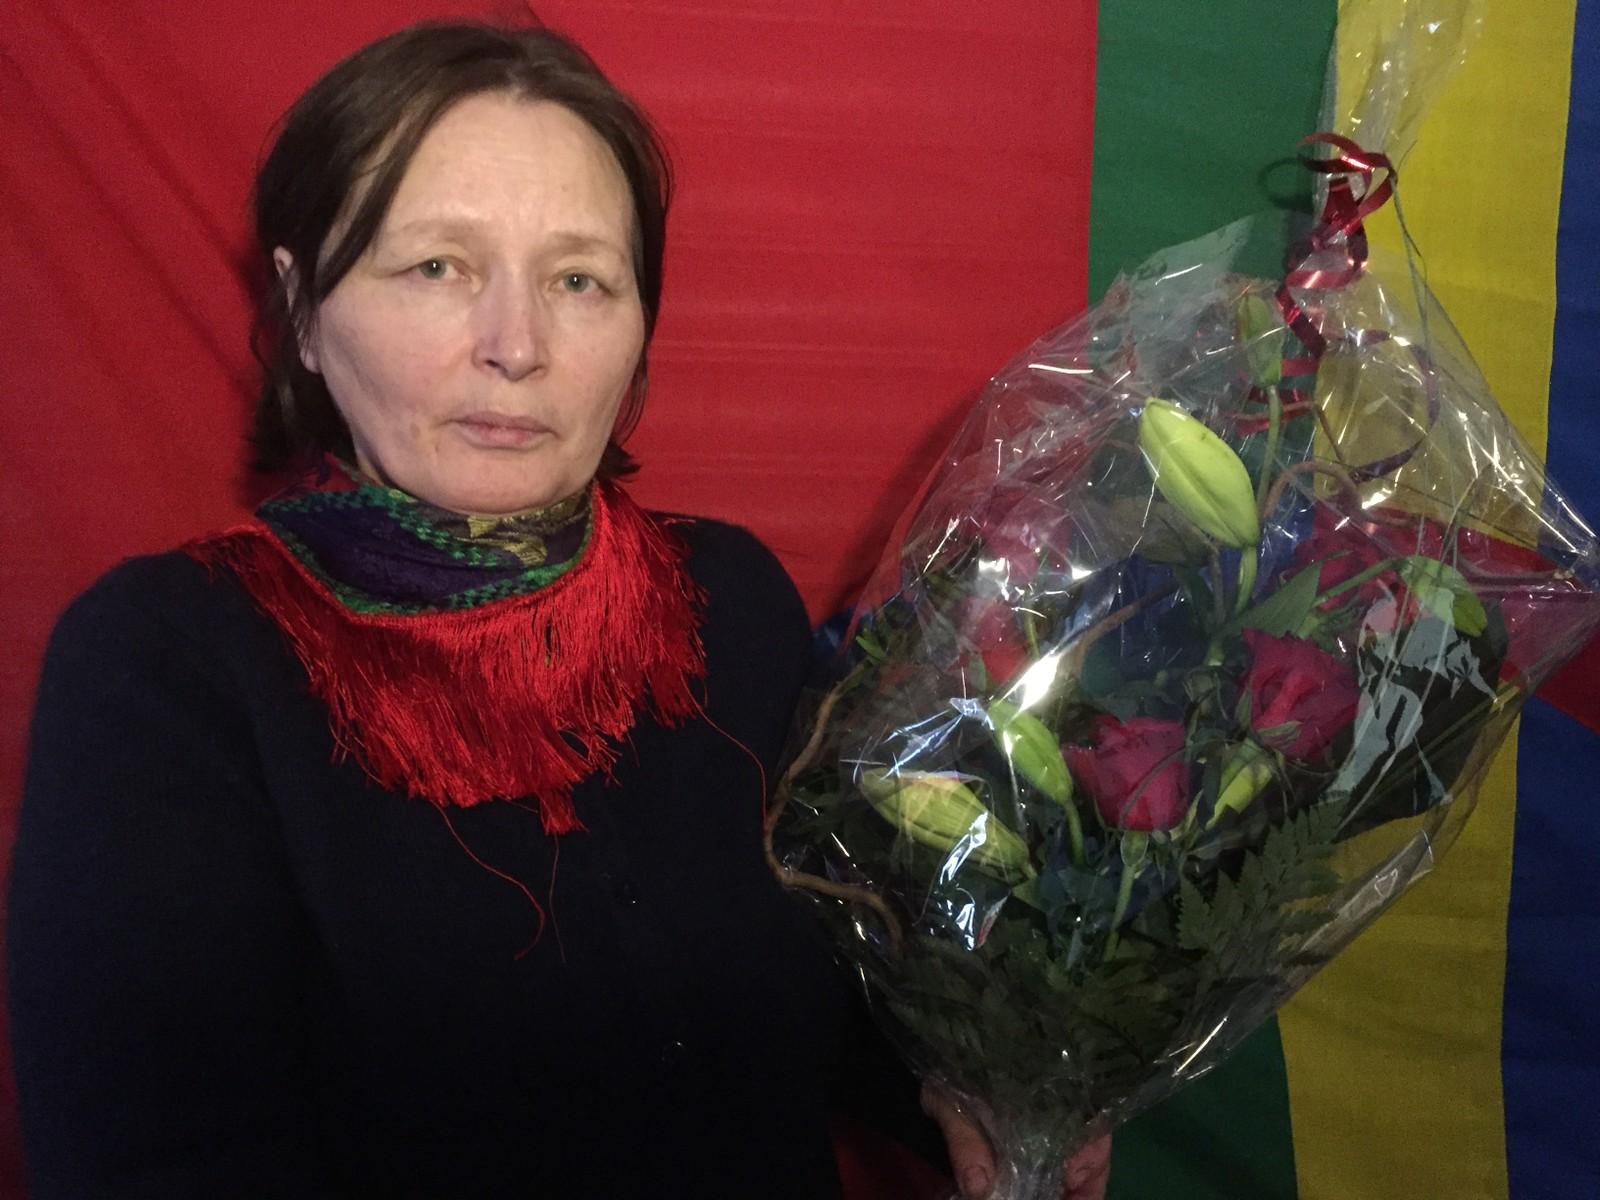 Astrid Båhl fikk overrekt blomster fra Språksenteret i Storfjord for designet av det samiske flagget.